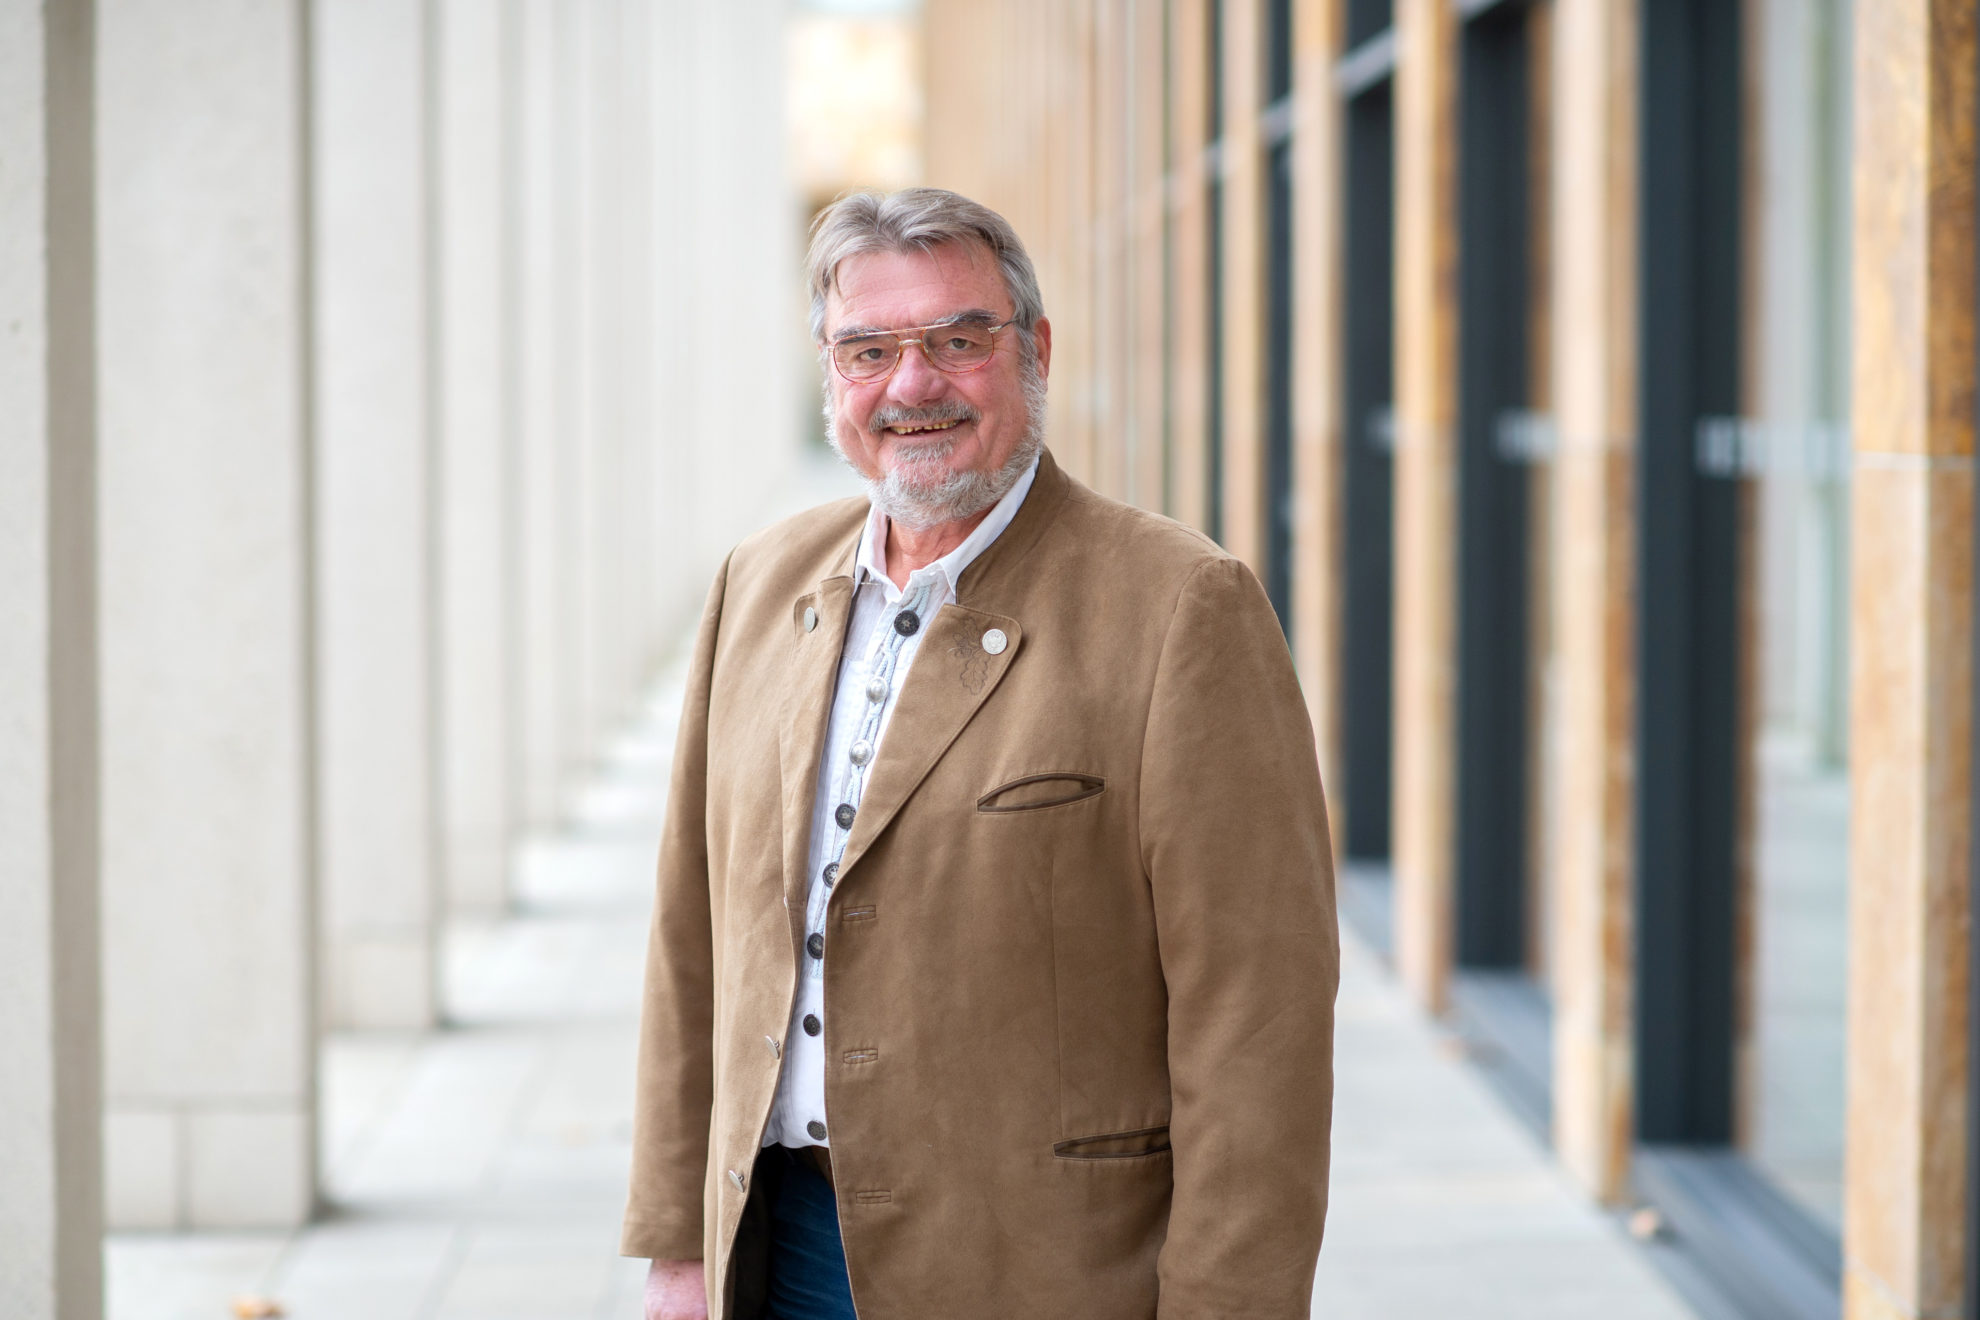 Gunther A. Ludwig, Kandidat für die Wahl zur Stadtverordnetenversammlung am 14.03.2021